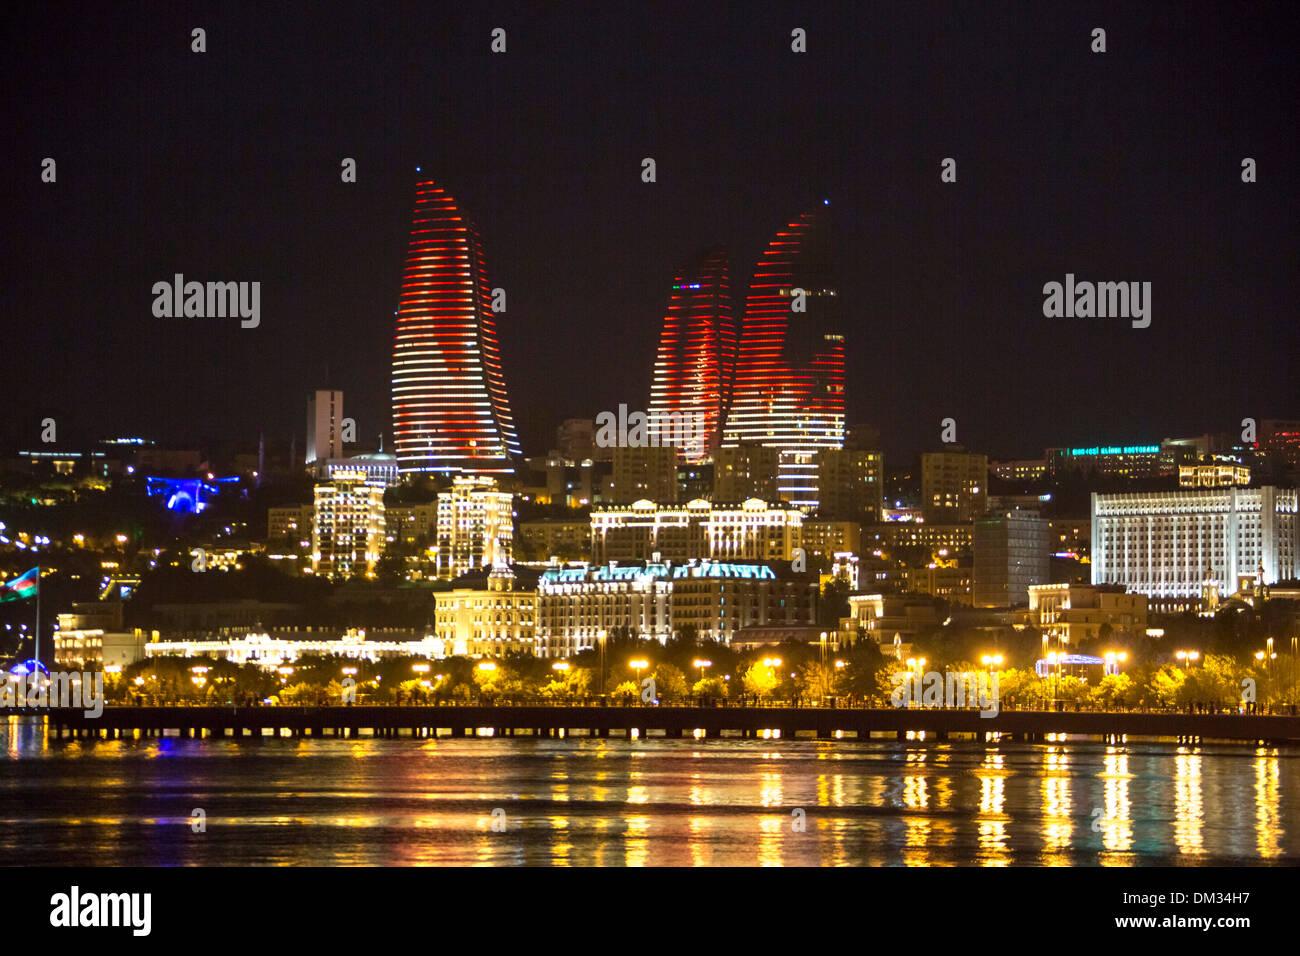 Cáucaso Azerbaiyán Bakú Eurasia arquitectura Gobierno avenida ciudad casa sunset viajes torres de llama encendida Foto de stock